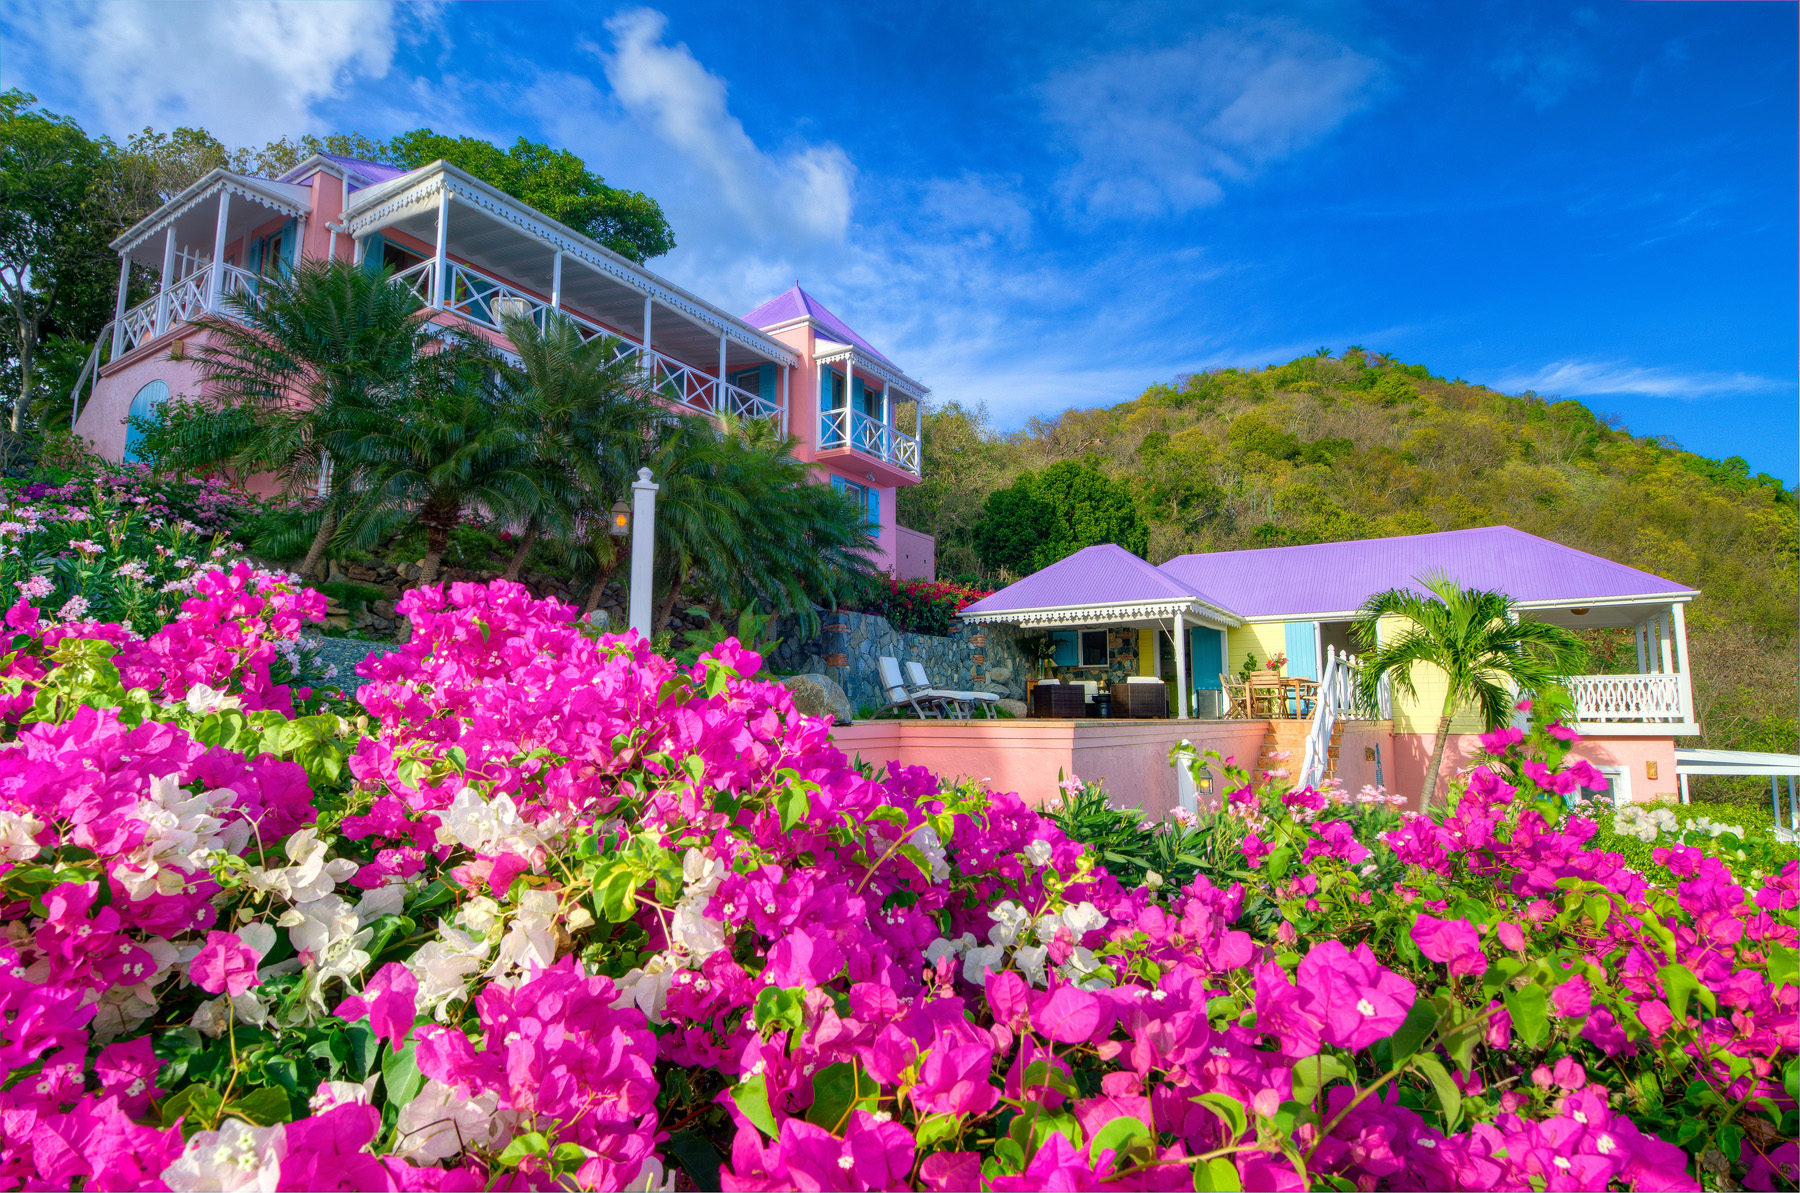 独户住宅 为 销售 在 South Watch 贝尔蒙, 托尔托拉 英属维尔京群岛